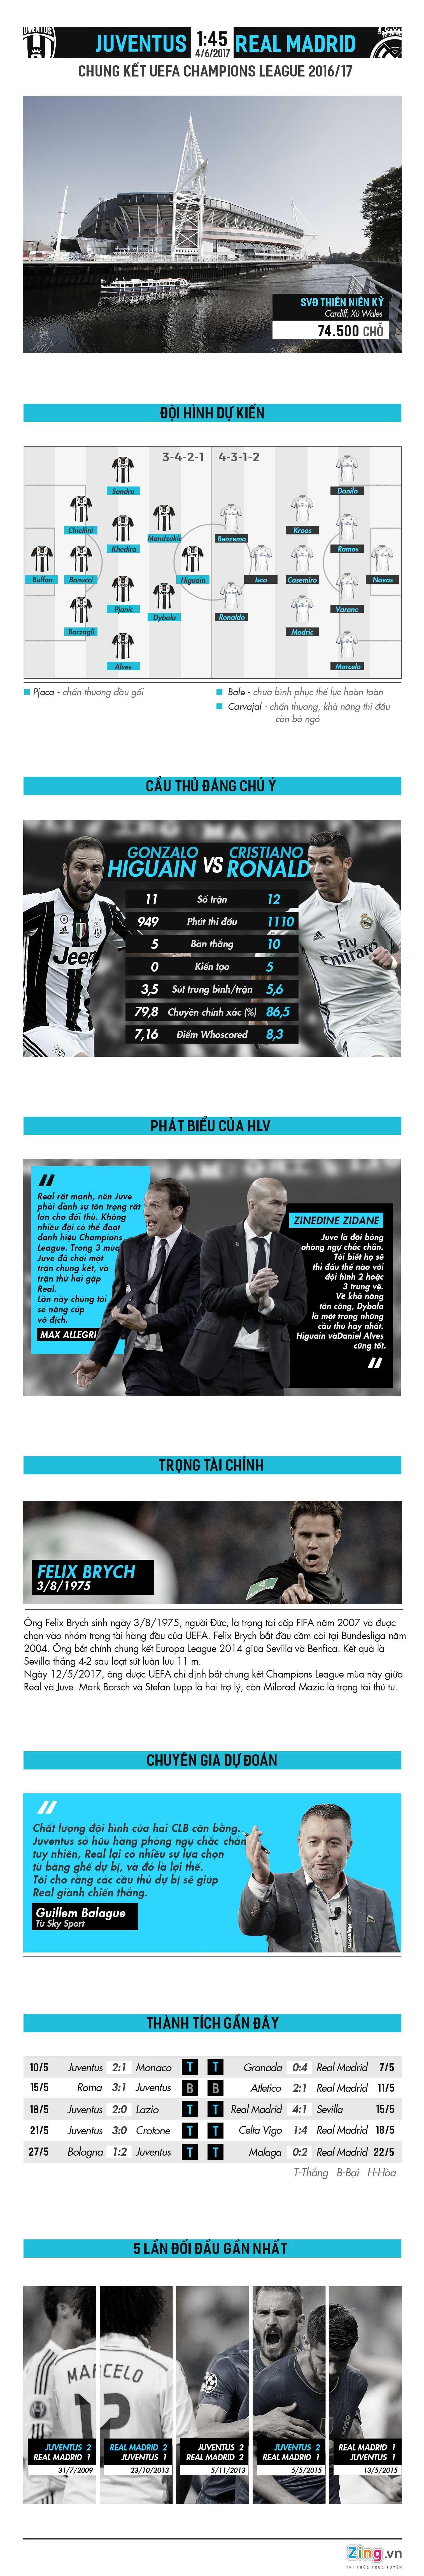 Tran Real Madrid vs Juventus anh 1